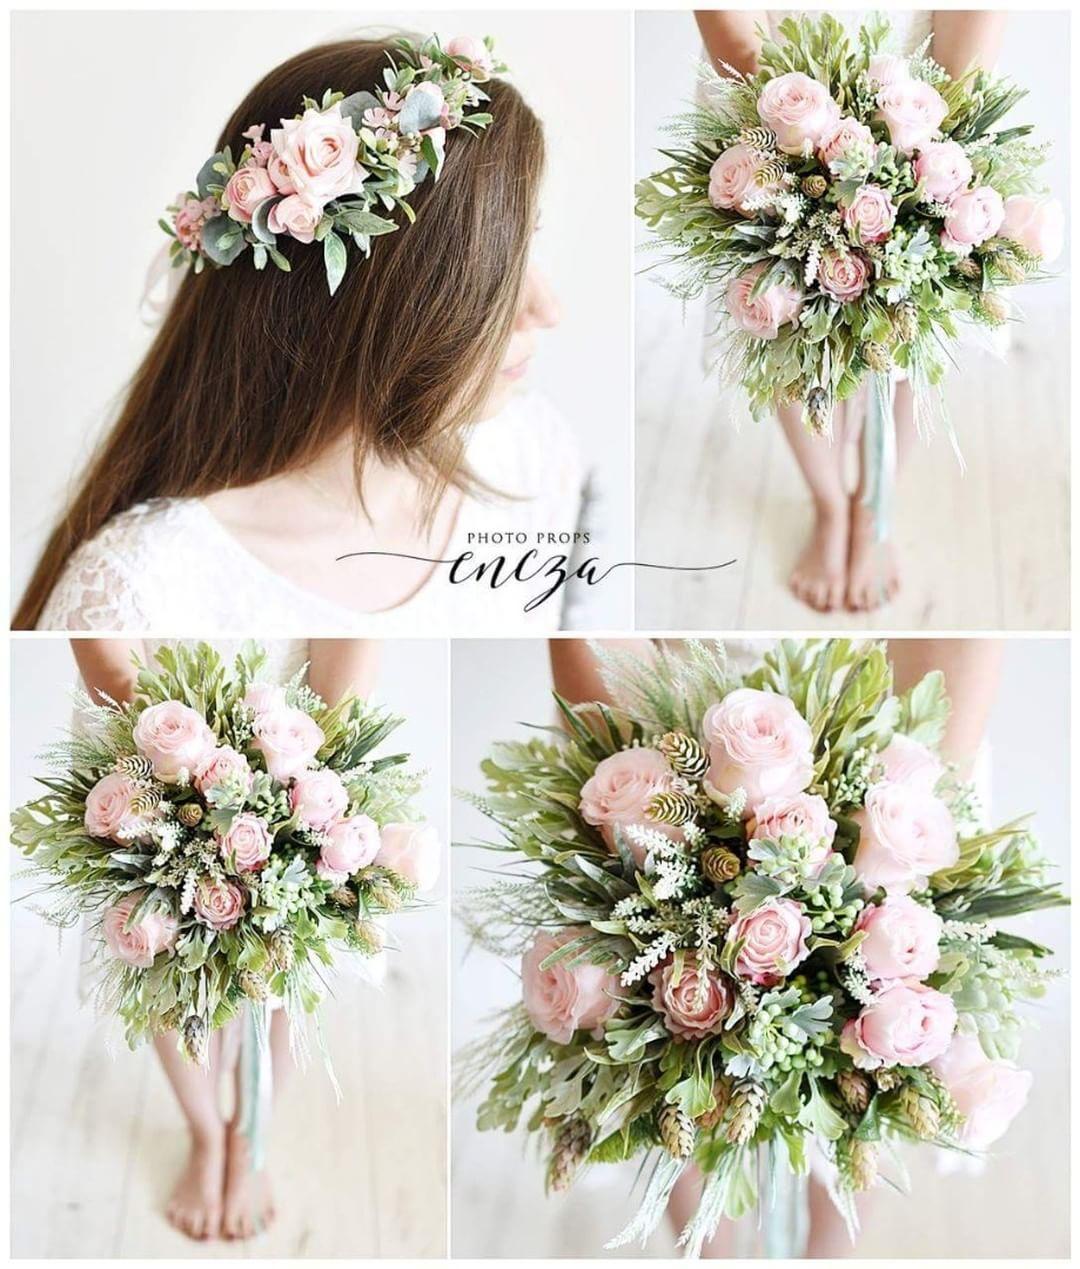 Kolejna Z Naszych Realizacji Slubnych Asymetryczny Wianek I Romantyczny Bukiet Slubny Kwiaty Flowers Photography Wedding Decorations Wedding Pink Flowers